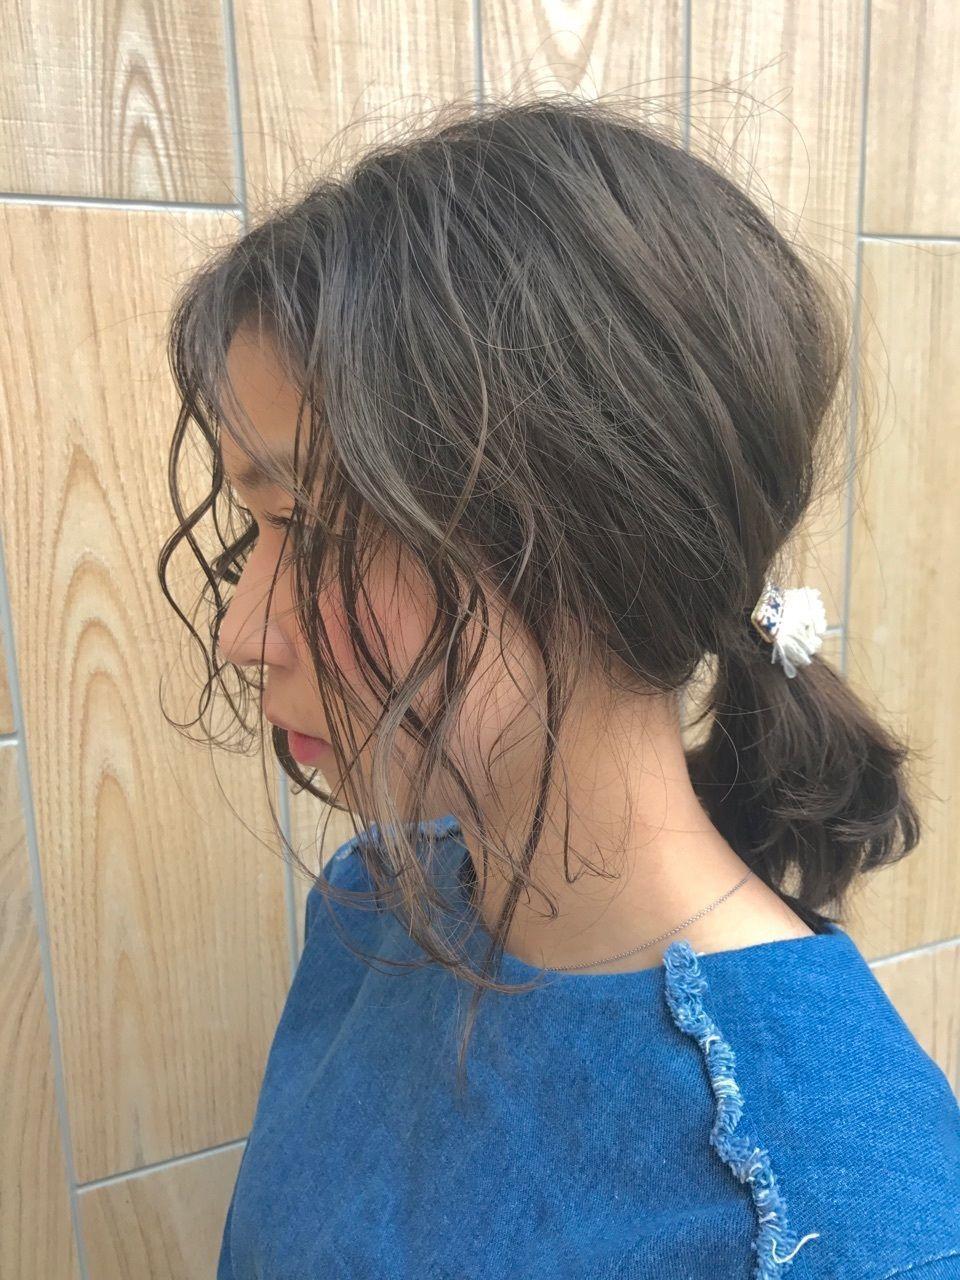 ポニーテールは女子の味方♡前髪にこだわって裏切らないヘアにの25枚目の画像